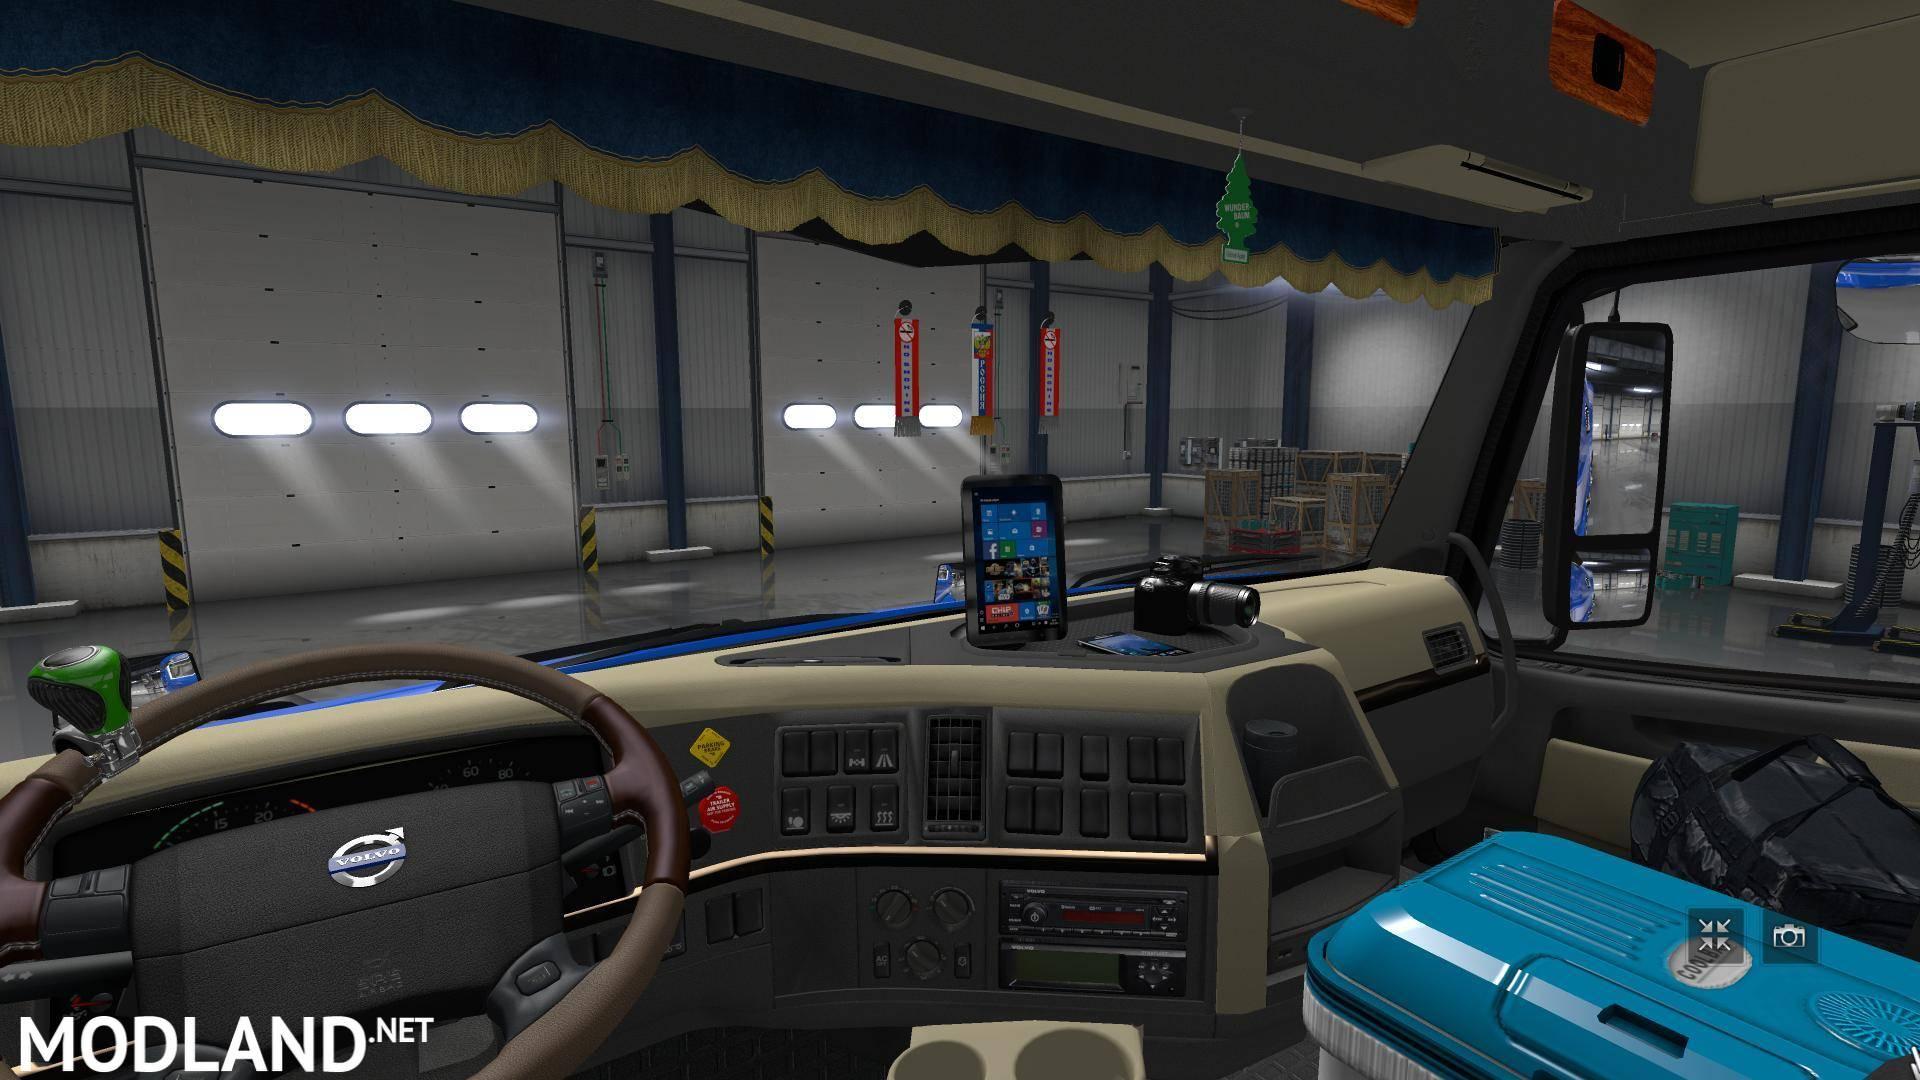 Volvo VNL 780 Truck Shop v3.0 [1.27] mod for ETS 2